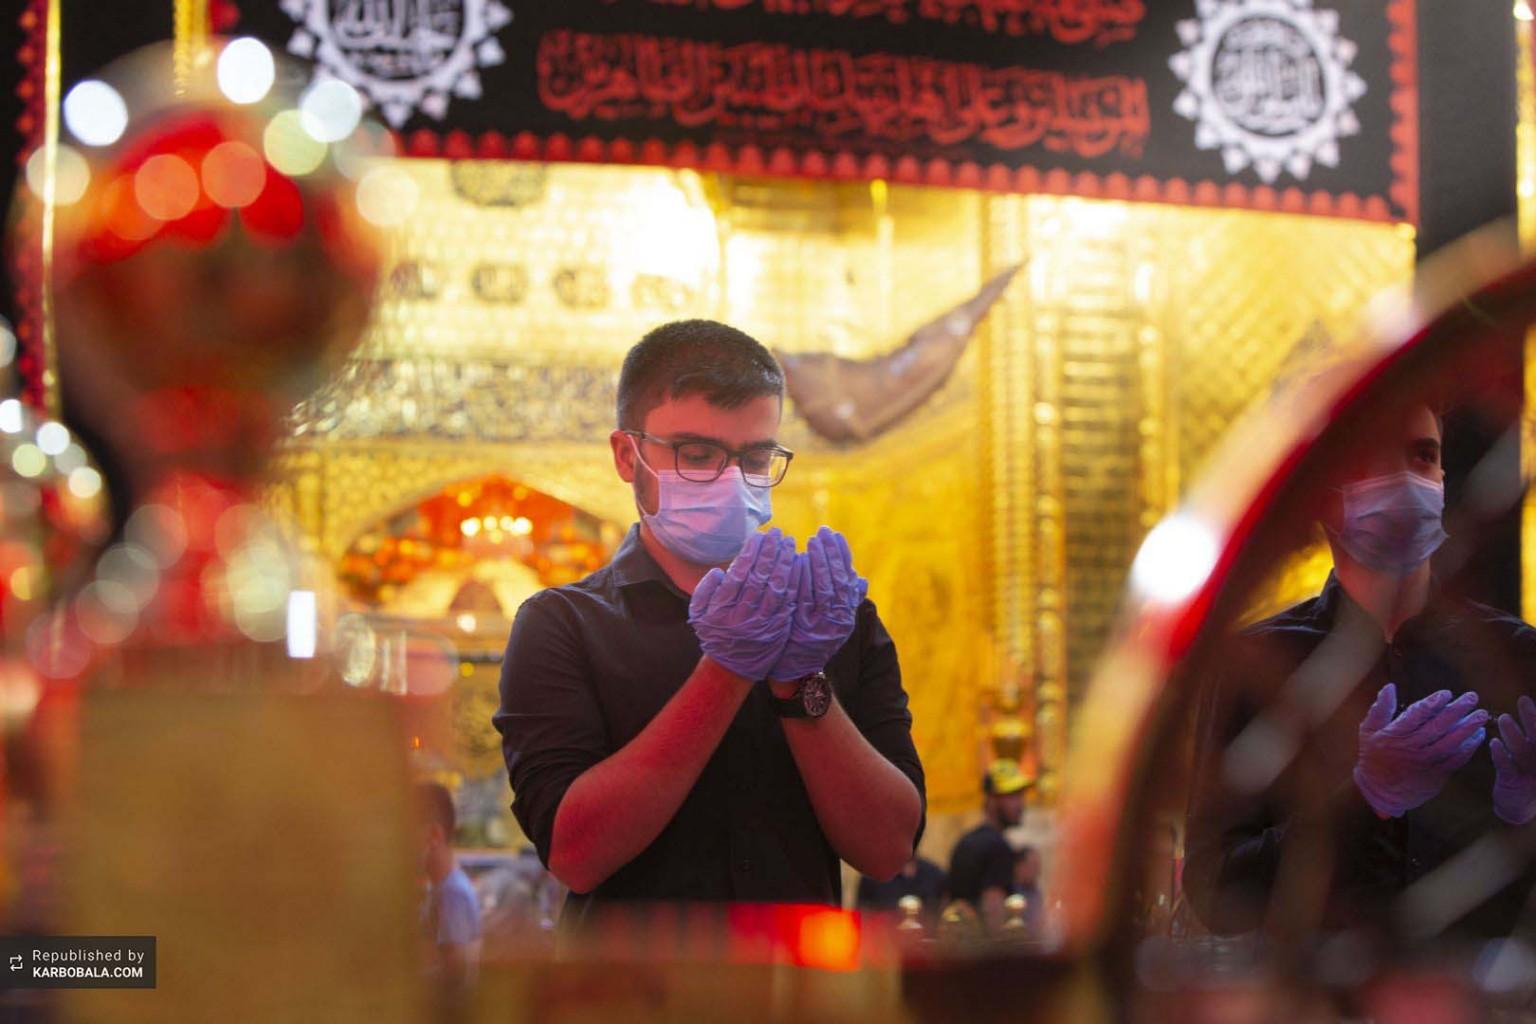 نماز در رواق نورانی علمدار کربلا حضرت عباس (ع)